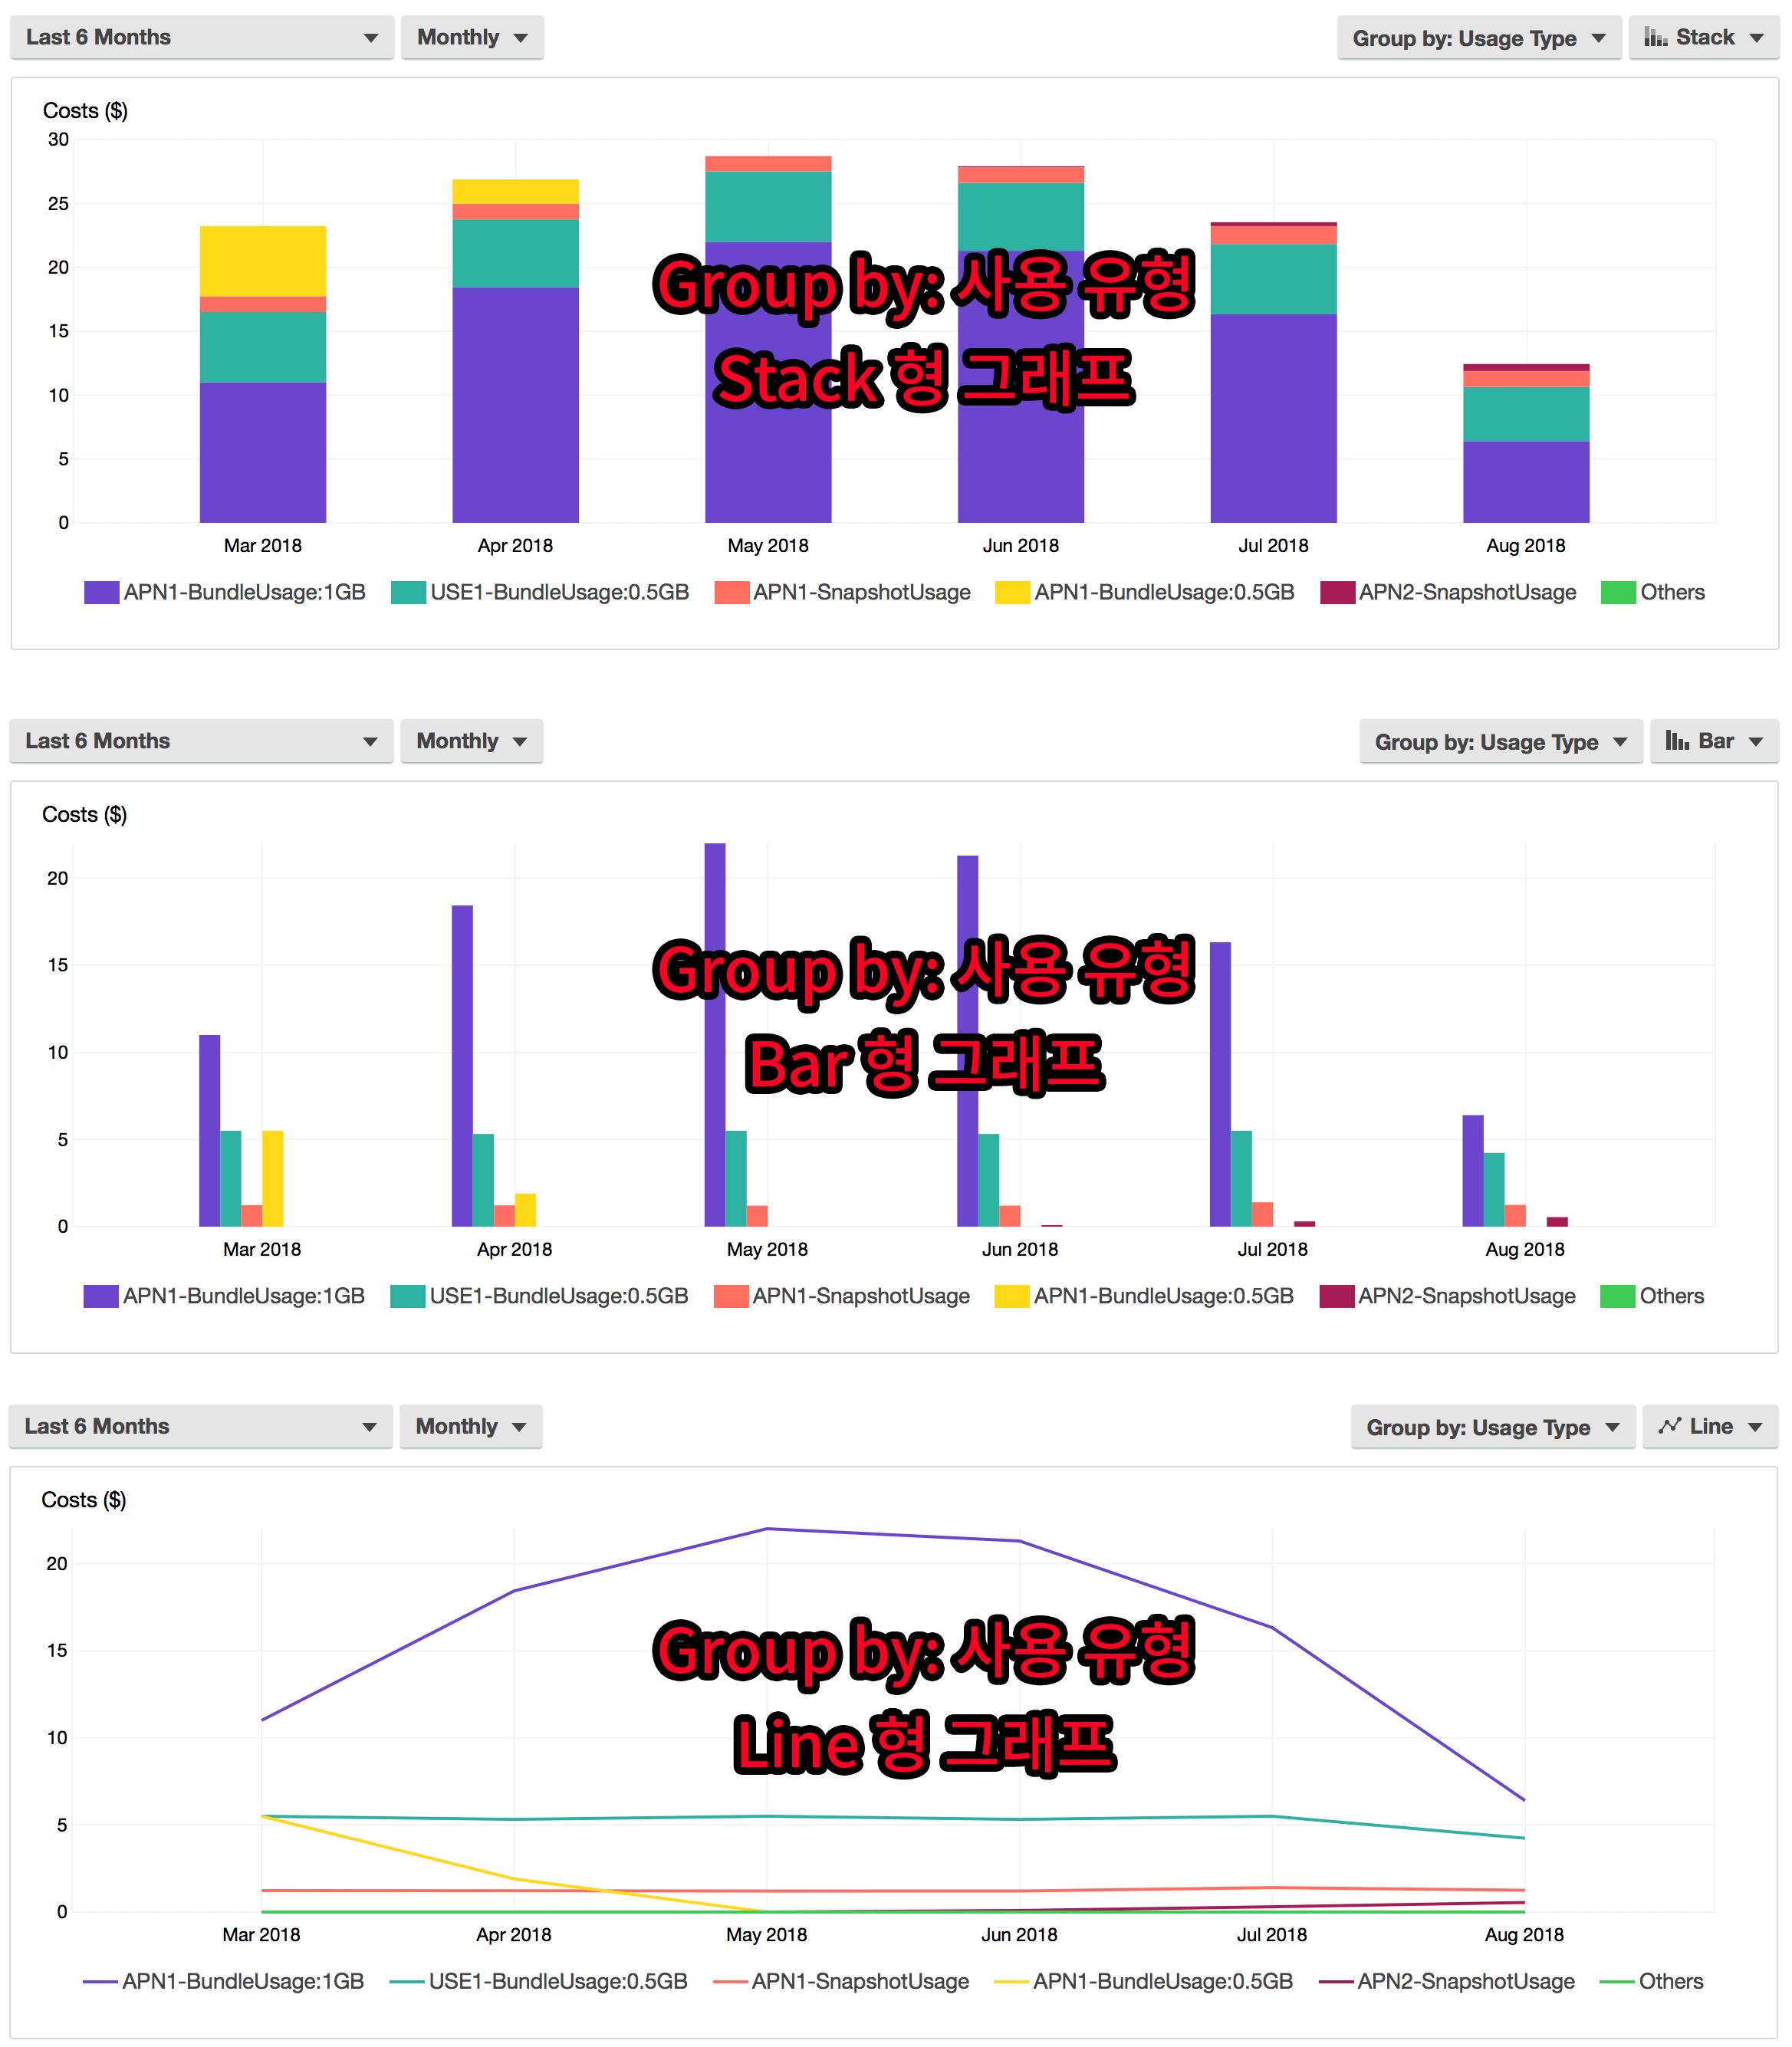 스택, 바, 라인 타입의 그래프